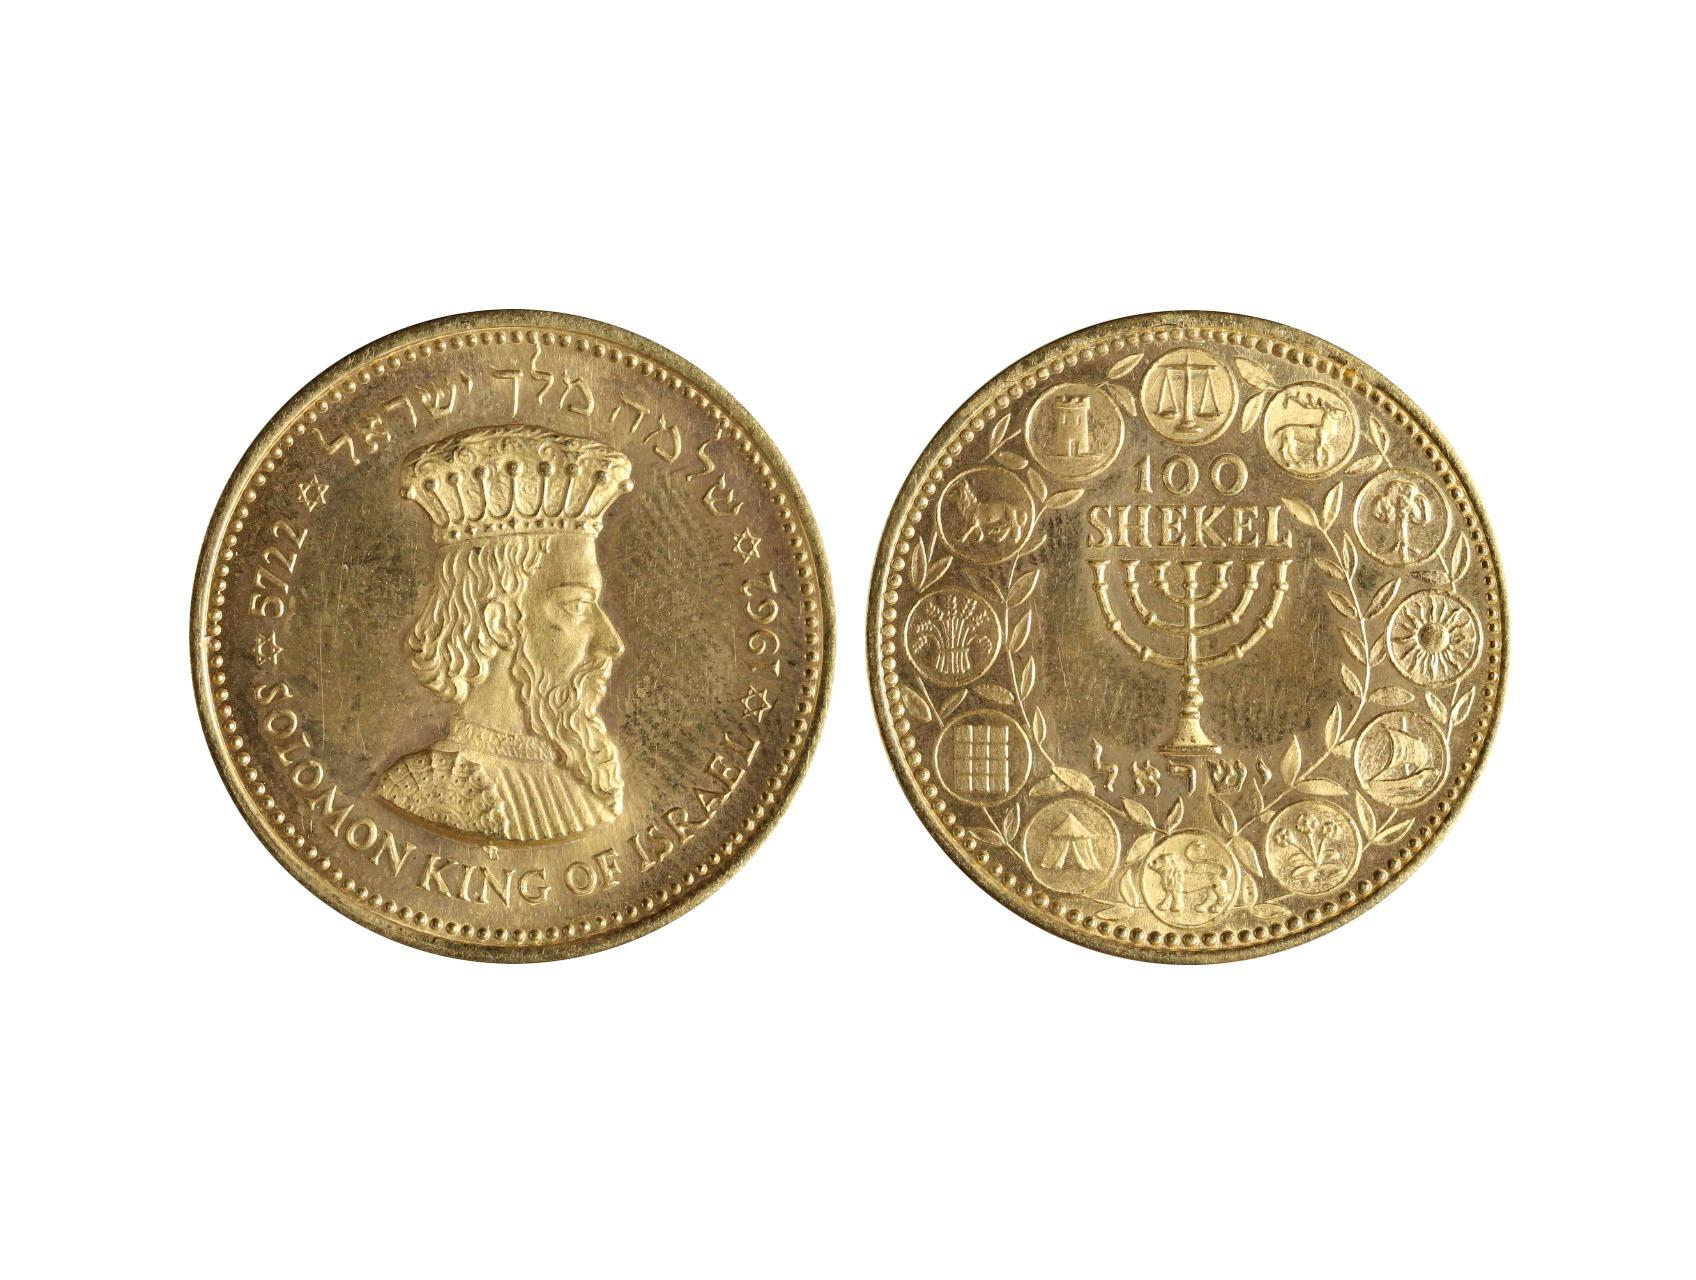 Izrael - Zlatá medaile, 100 Shekel 1962, Král Šalomoun král Izraele, Au 917, 11,62 g., 29 mm